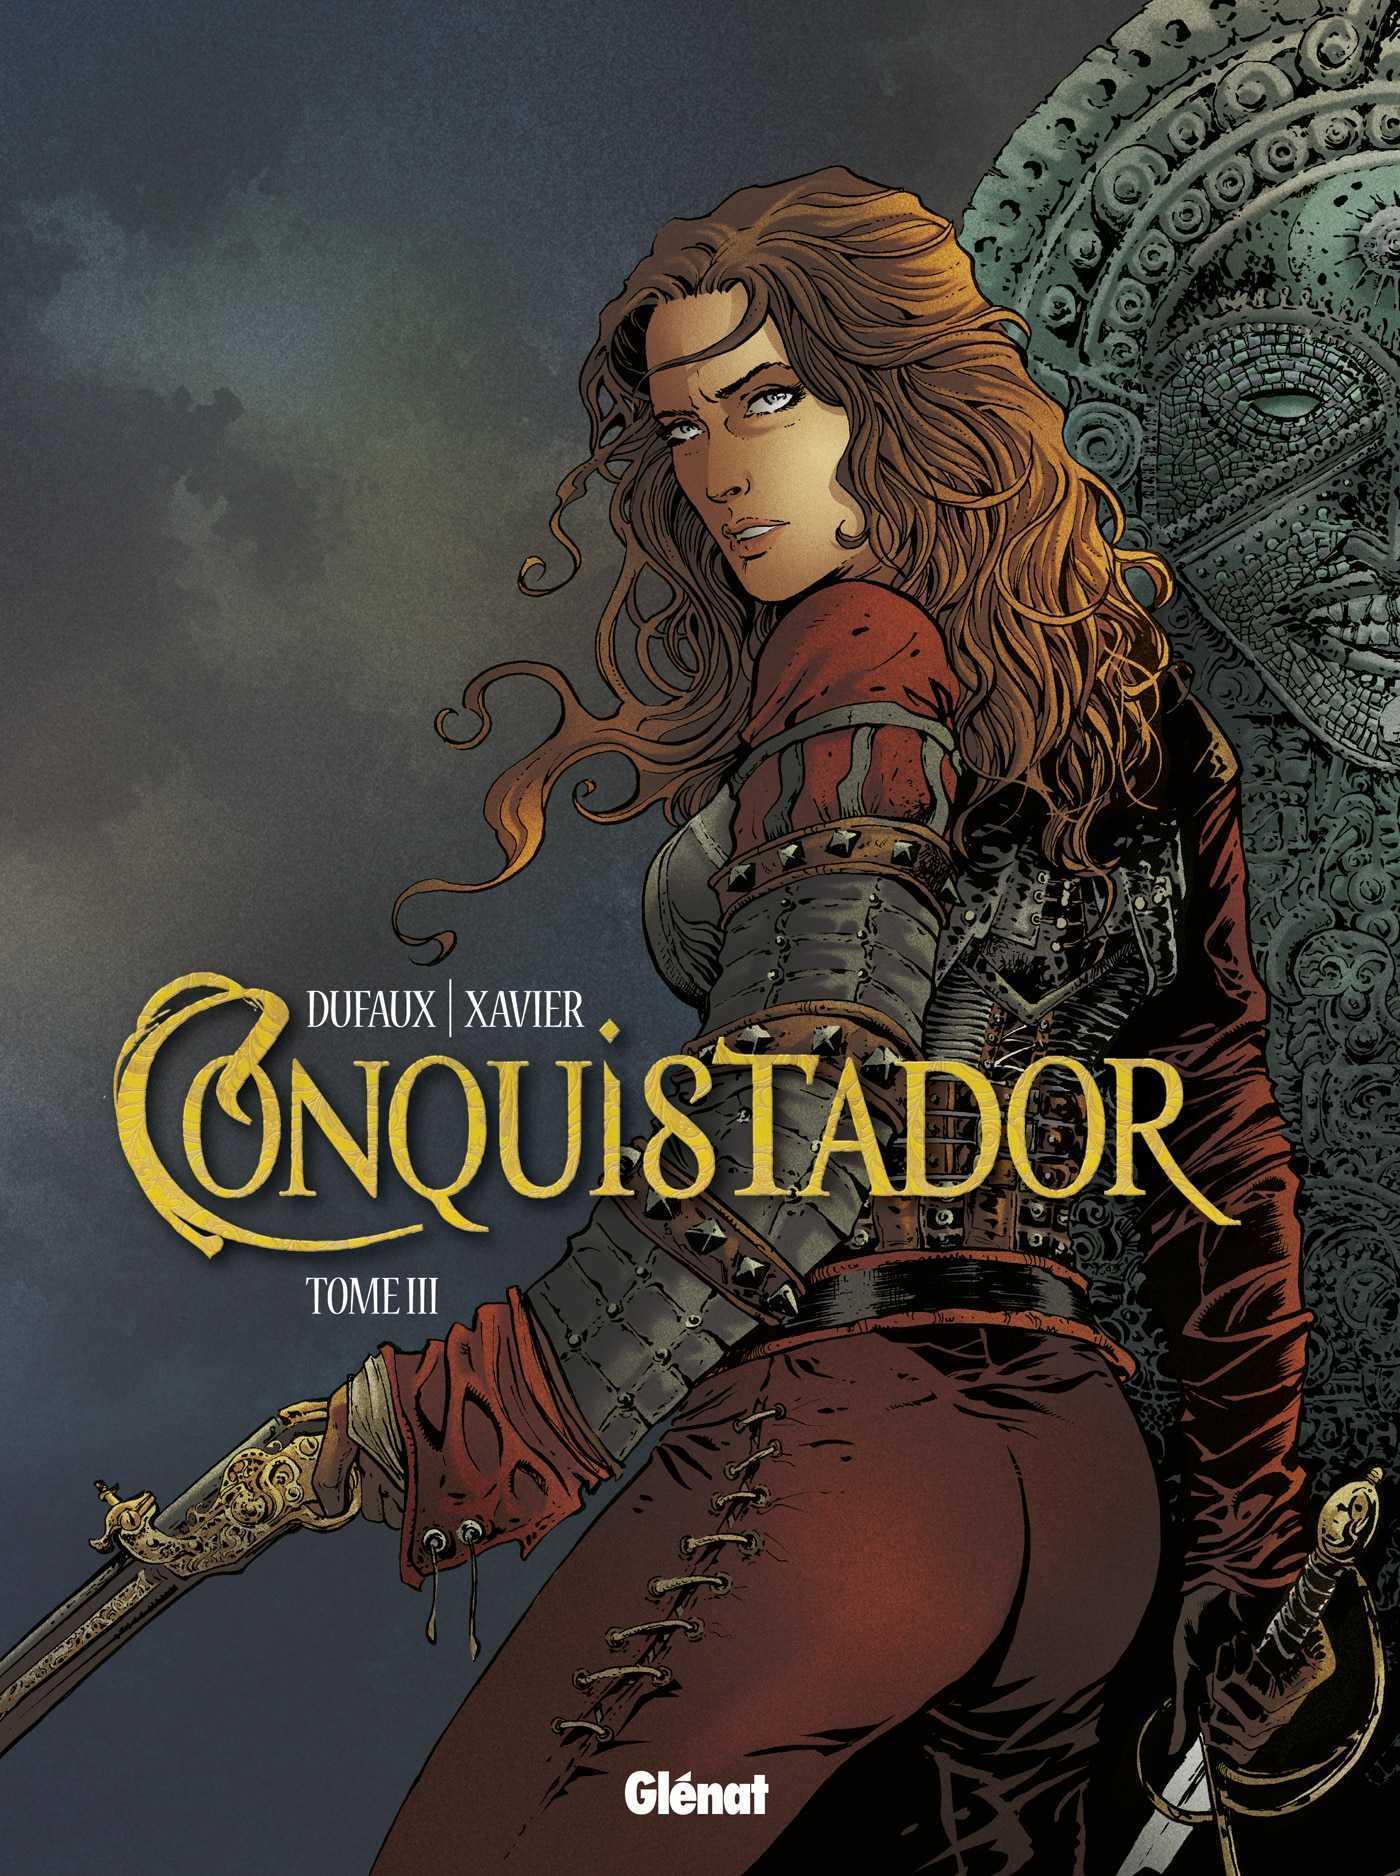 Conquistador, le tome 3 et une expo de Philippe Xavier galerie Glénat à Paris